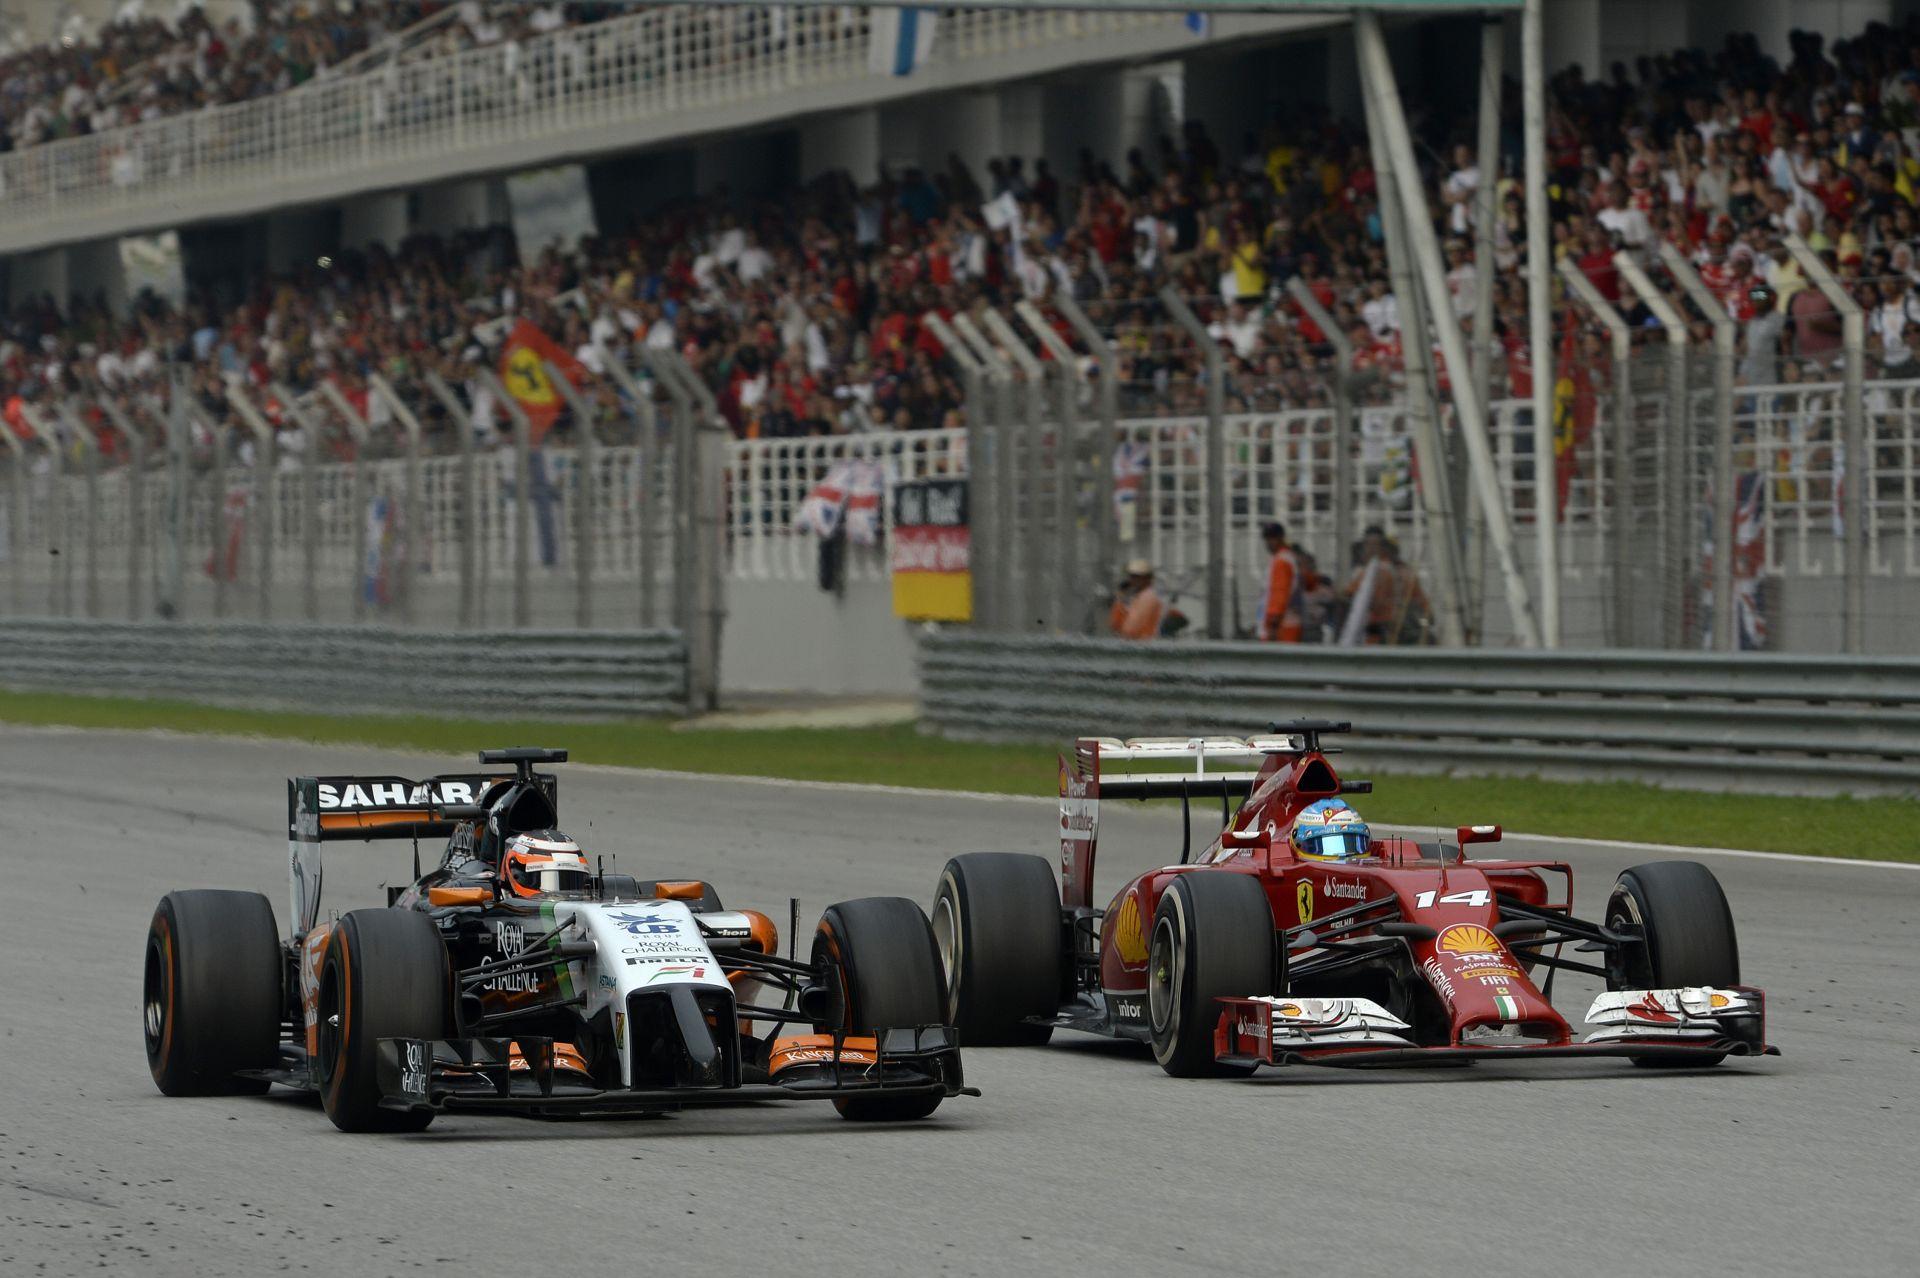 Maláj Nagydíj 2014: Alonso előzése Hülkenberg ellen